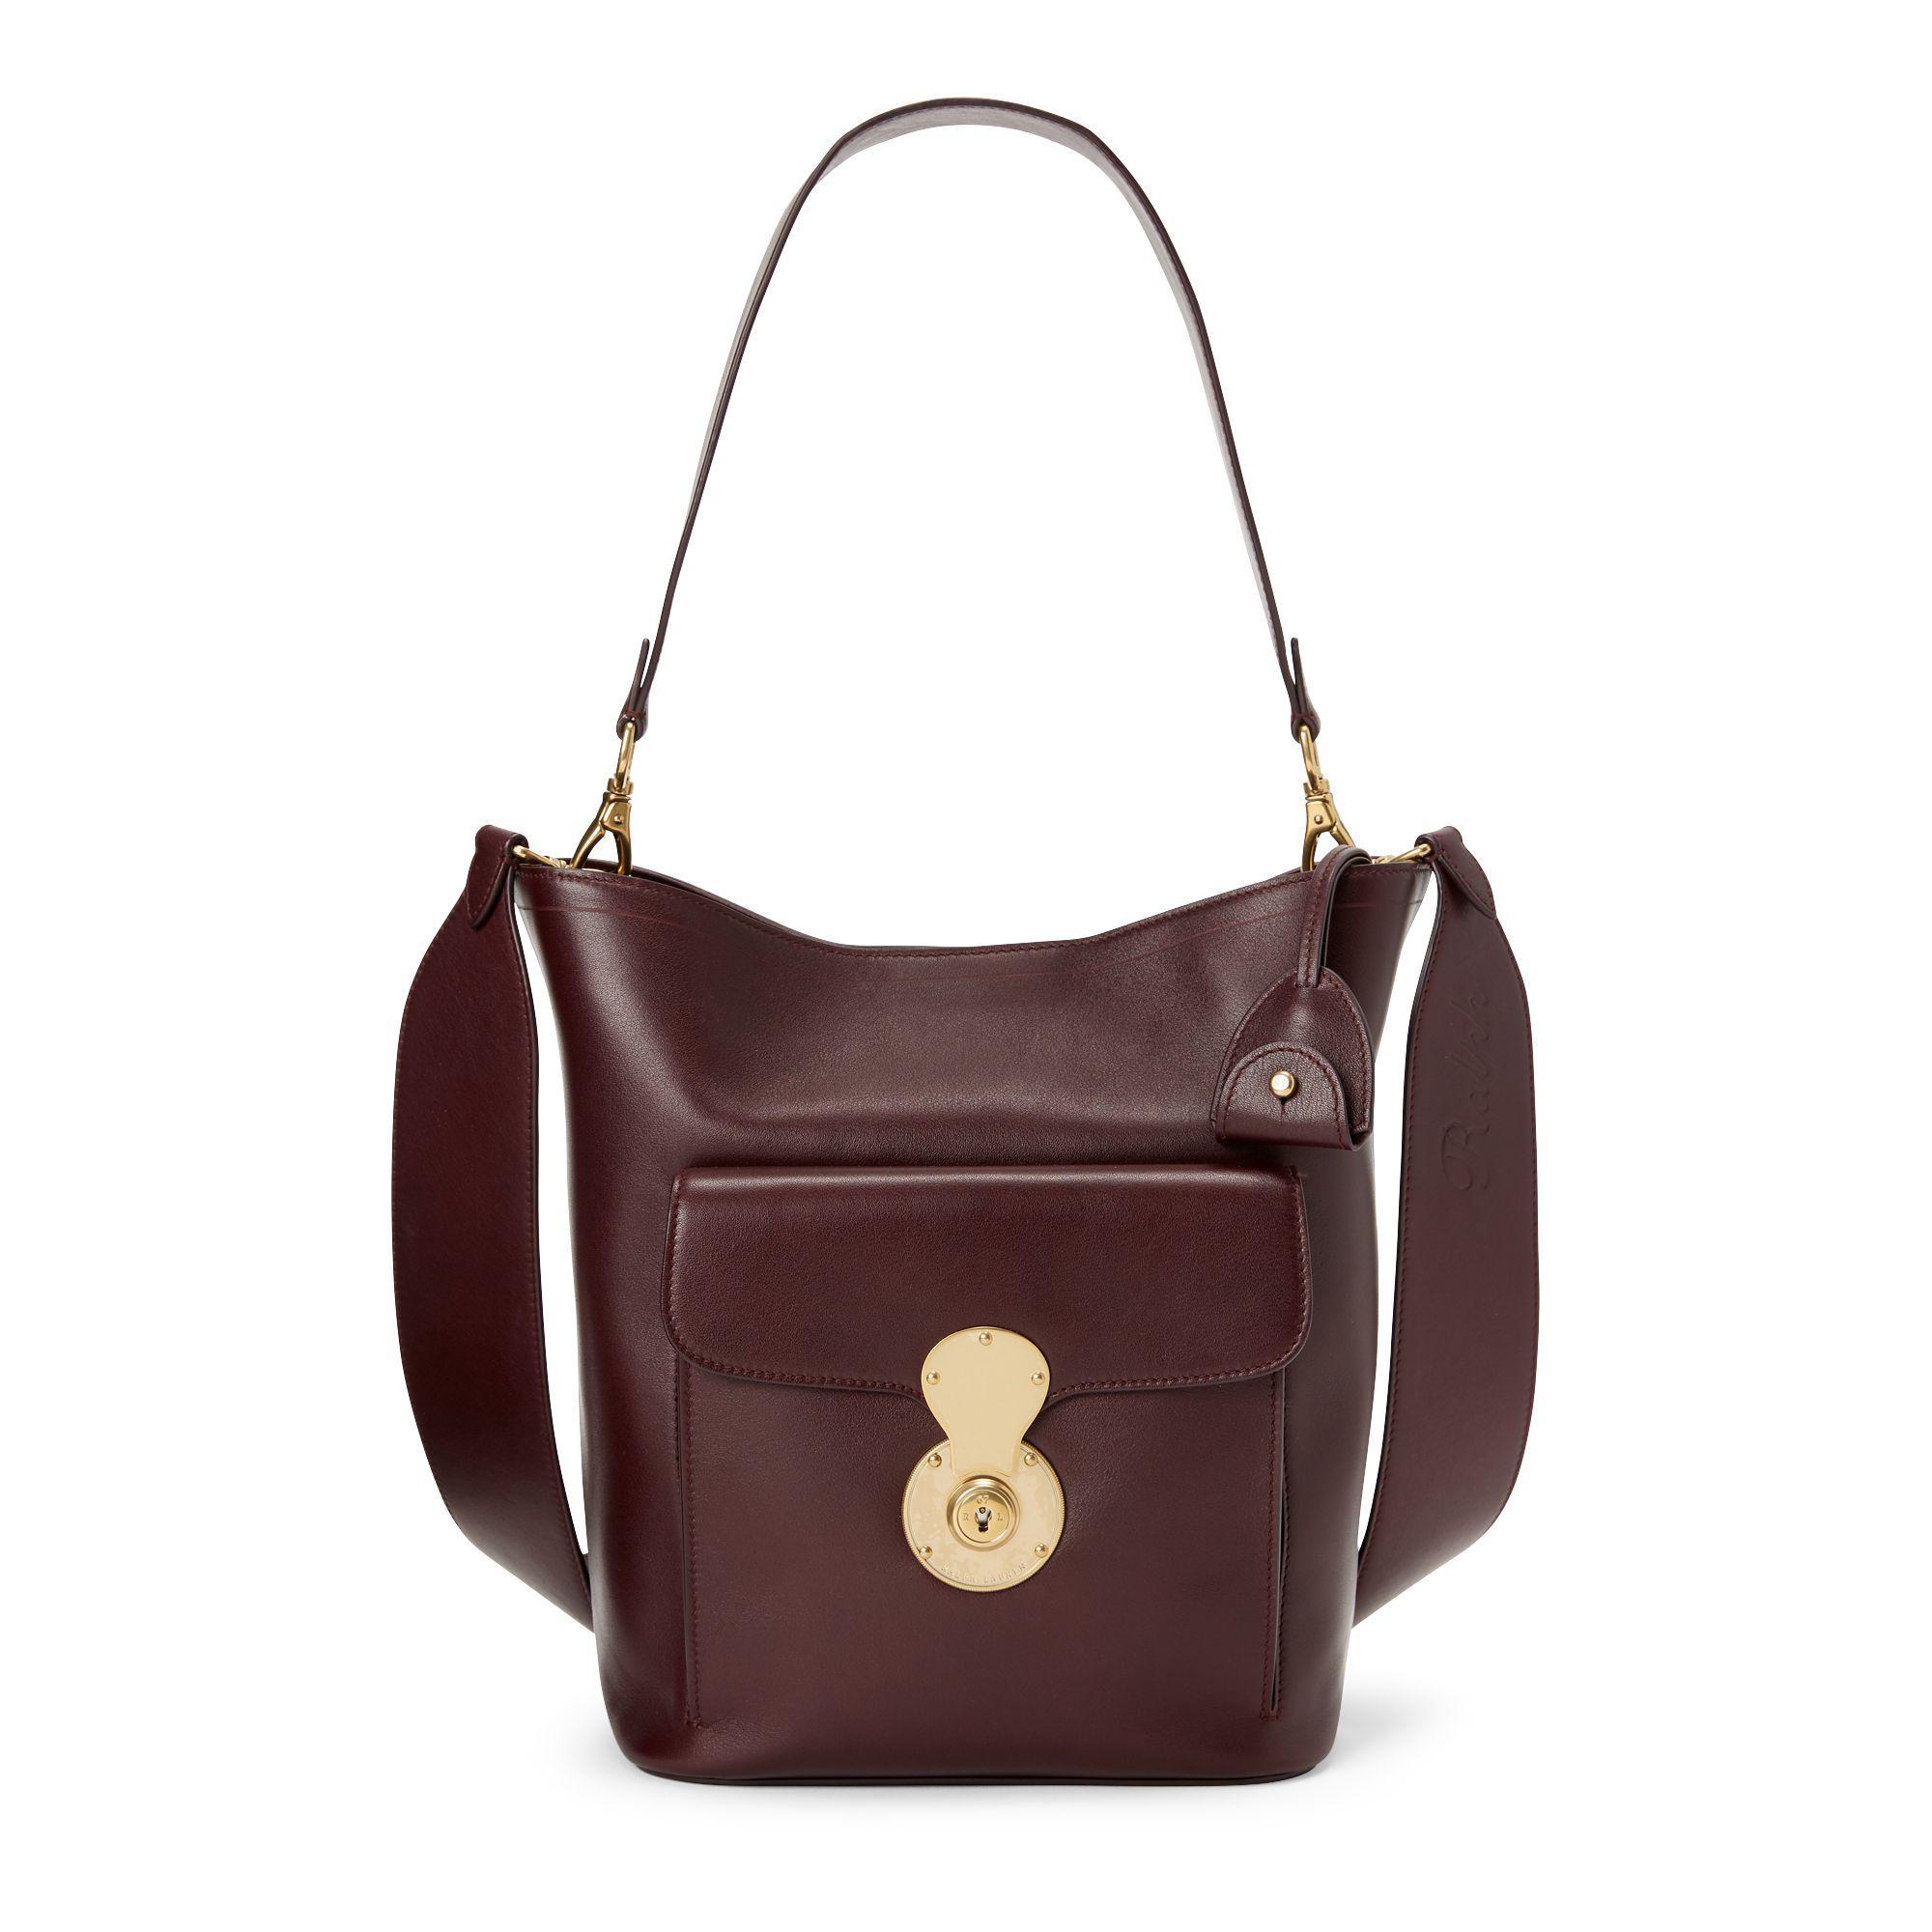 Ralph Lauren The Calfskin Rl Bucket Bag - Lyst 084a0a8e5c618